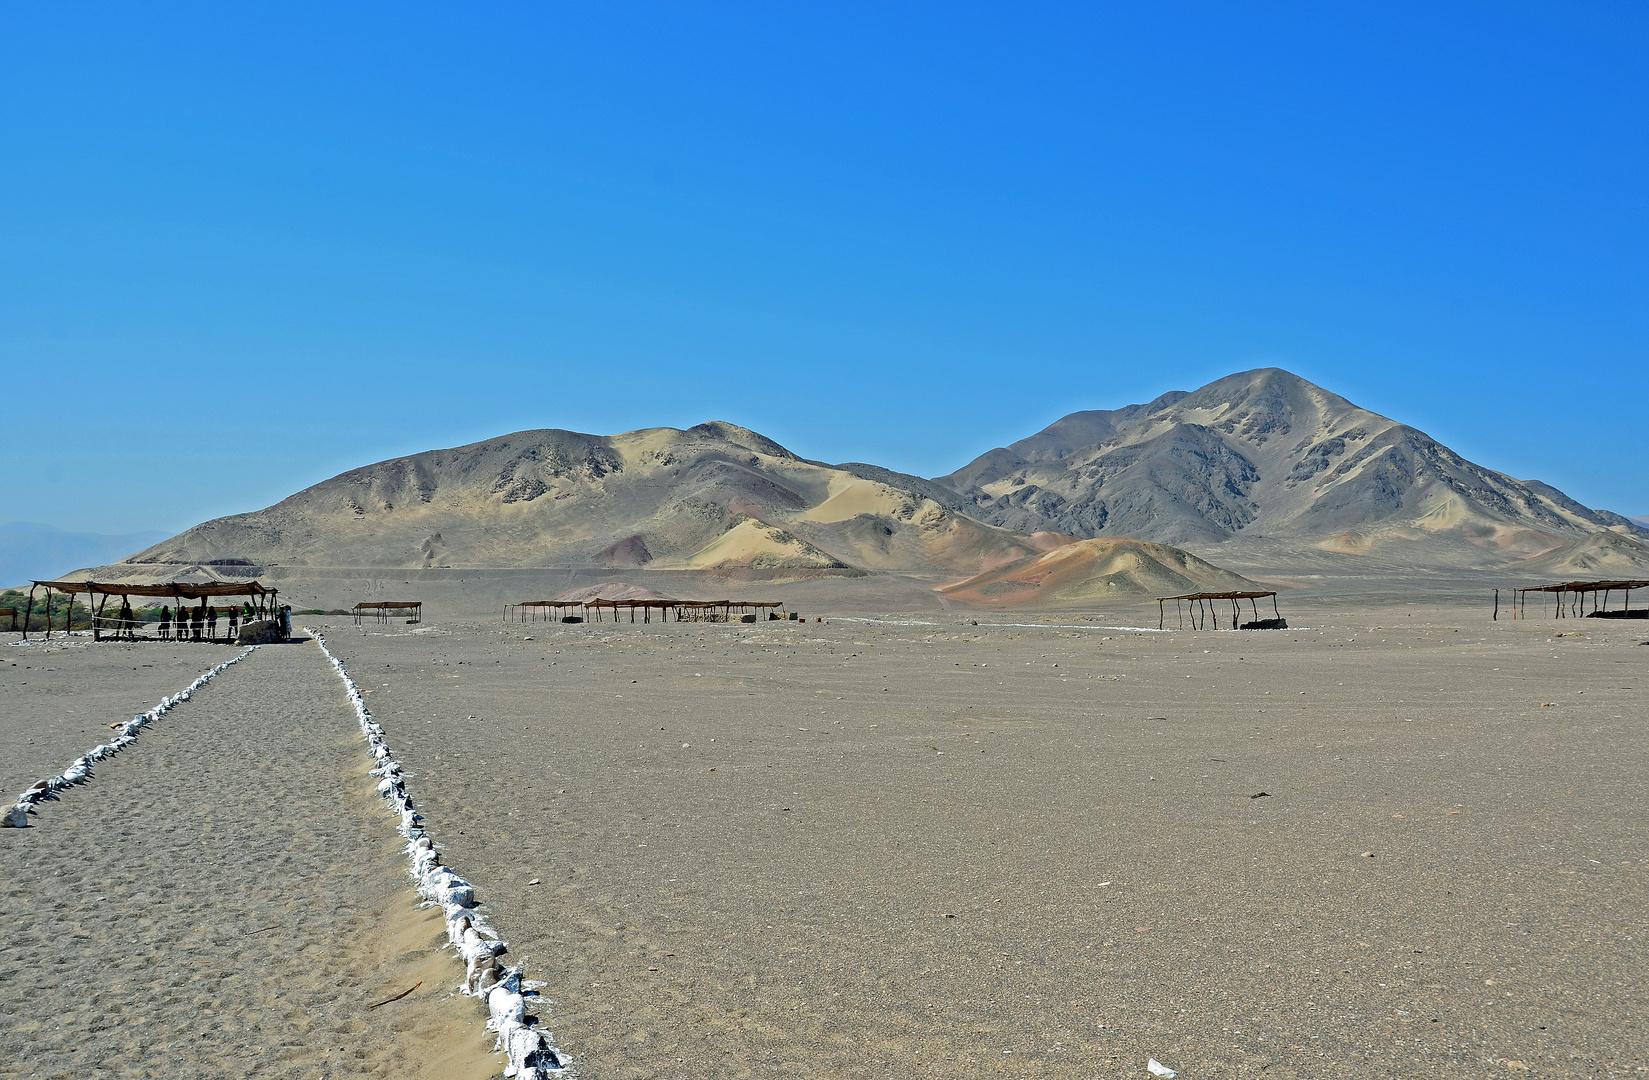 Wüstenlandschaft von Chauchilla in der Region Nazca